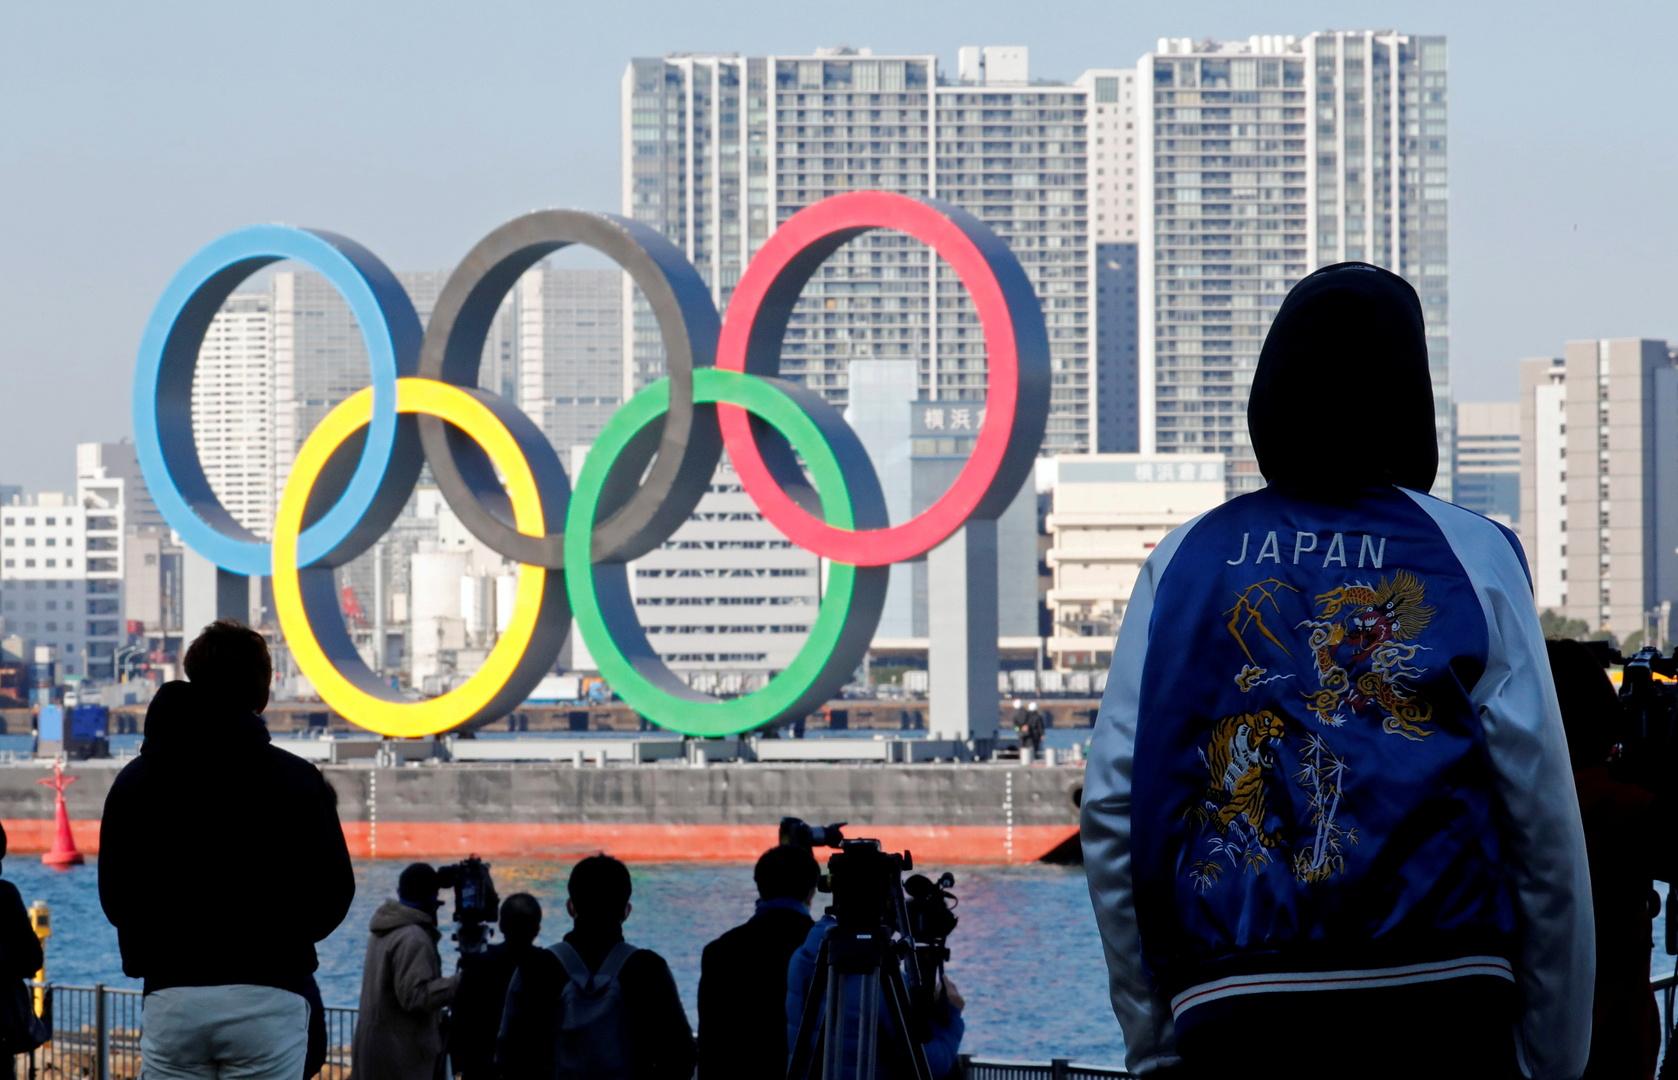 اليابان تؤكد التزامها بإقامة أولمبياد طوكيو وتنفي تقريرا إعلاميا عن إلغائه